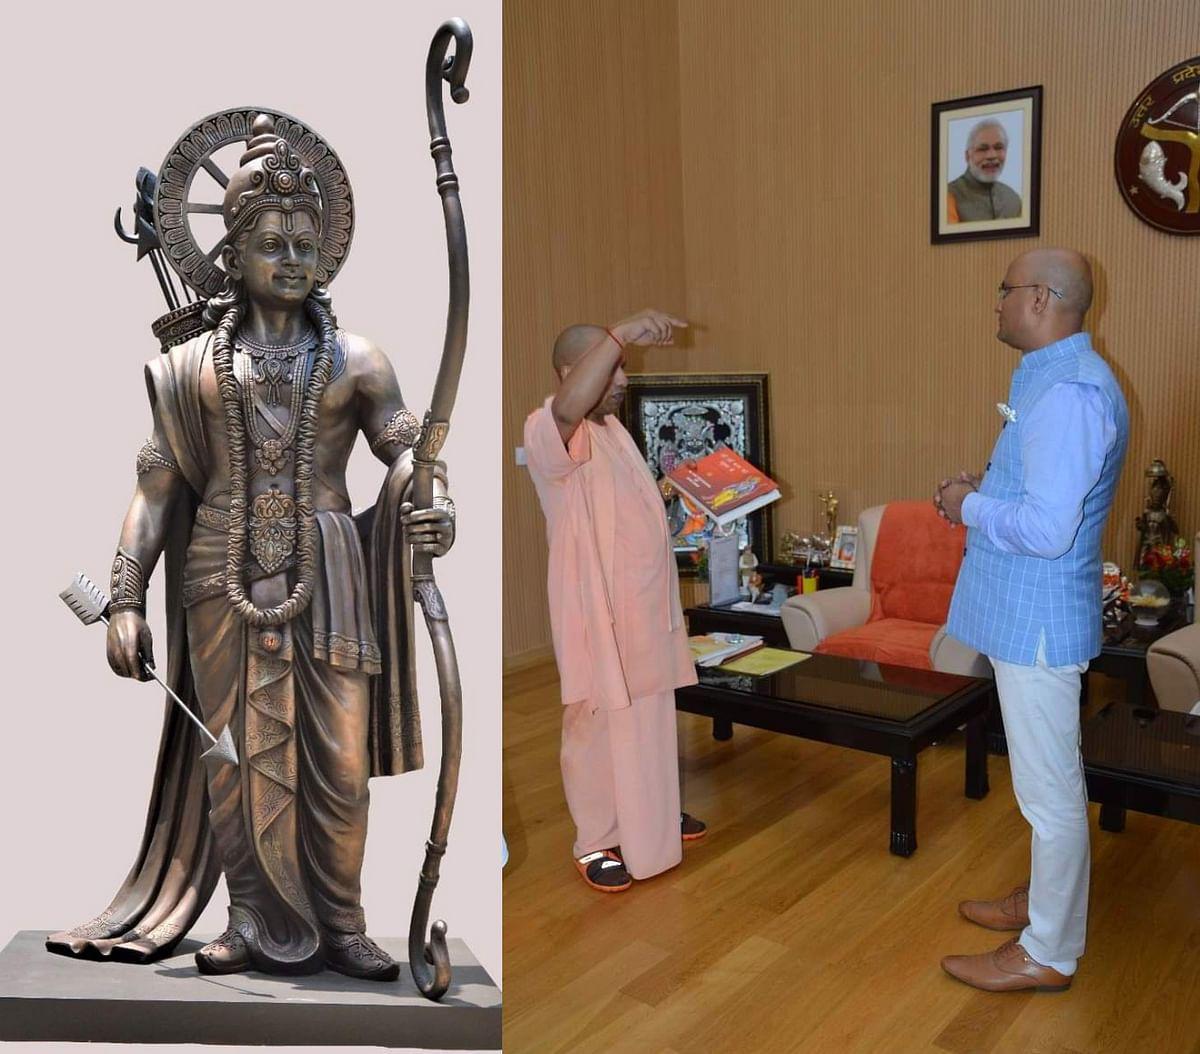 झुंझुनू का बेटा अयोध्या में बनाएगा भगवान श्री राम की 825 फुट ऊंची प्रतिमा